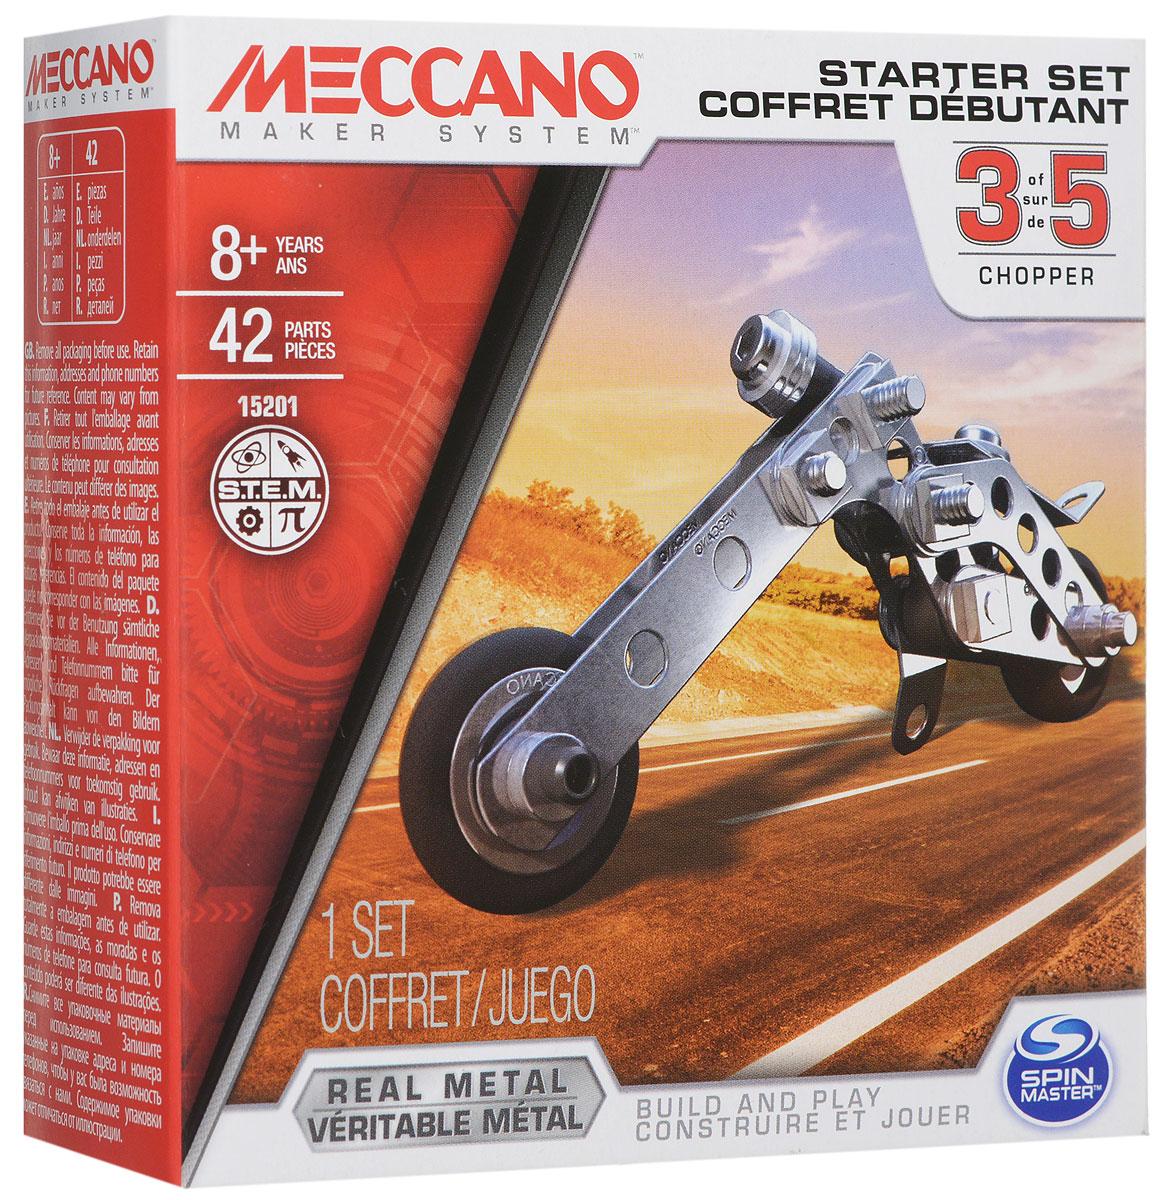 Meccano Конструктор Базовая модель 3 игрушка meccano базовая модель в ассортименте meccano